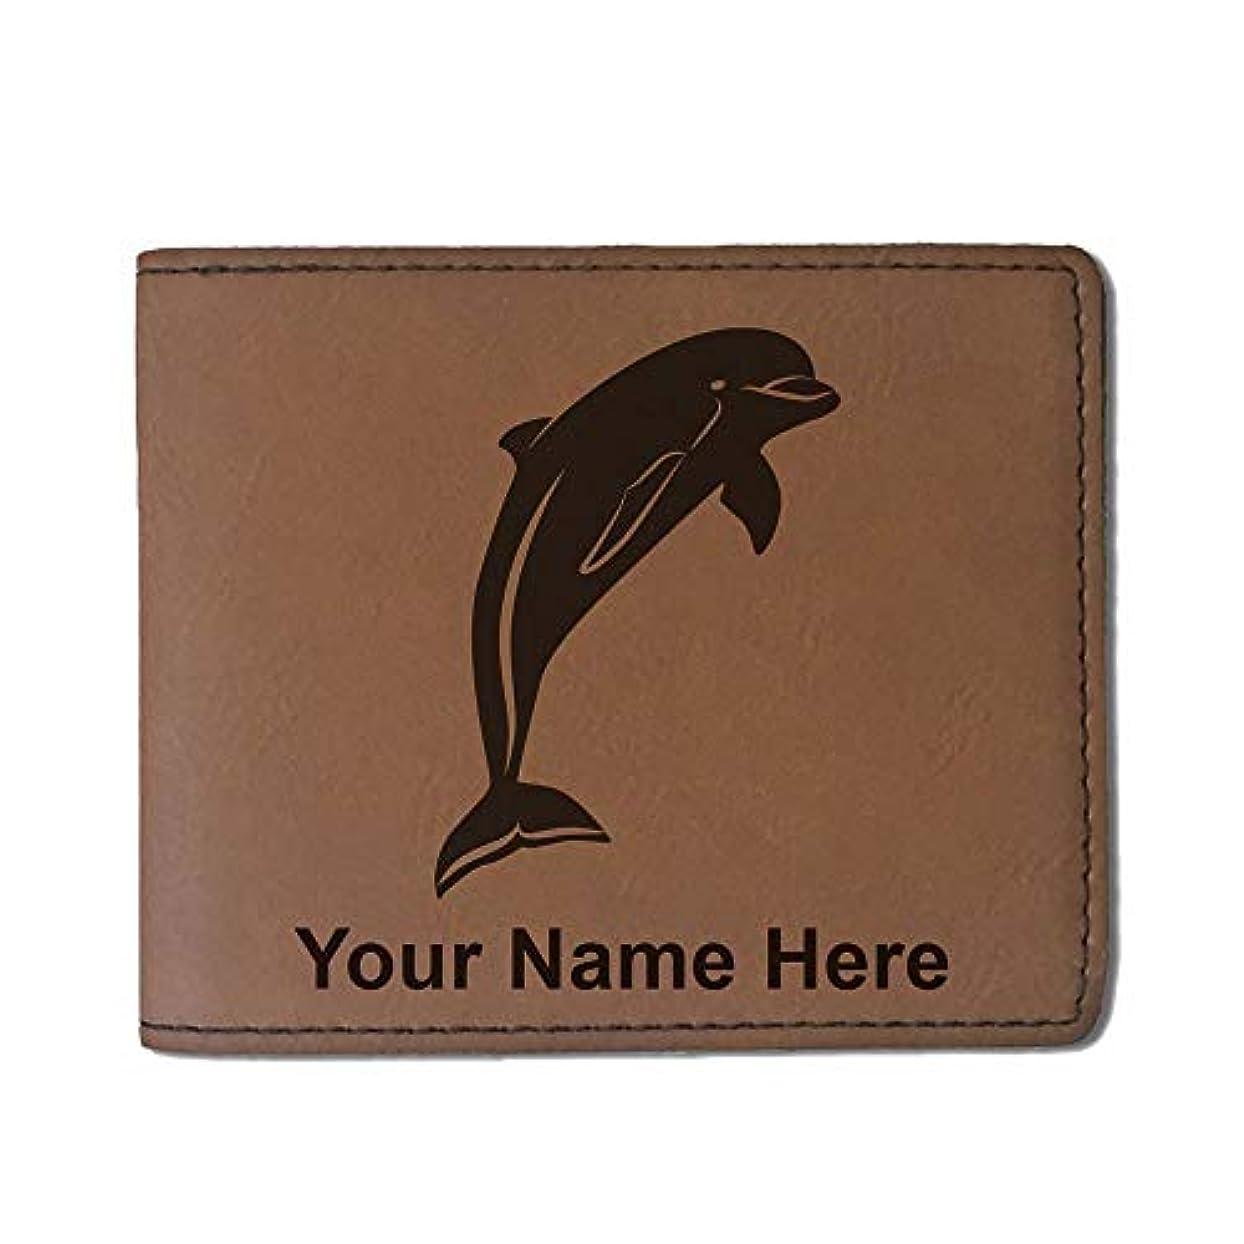 急流ピーク素晴らしい良い多くのフェイクレザー財布 – イルカ – カスタマイズ彫刻Included (ダークブラウン)